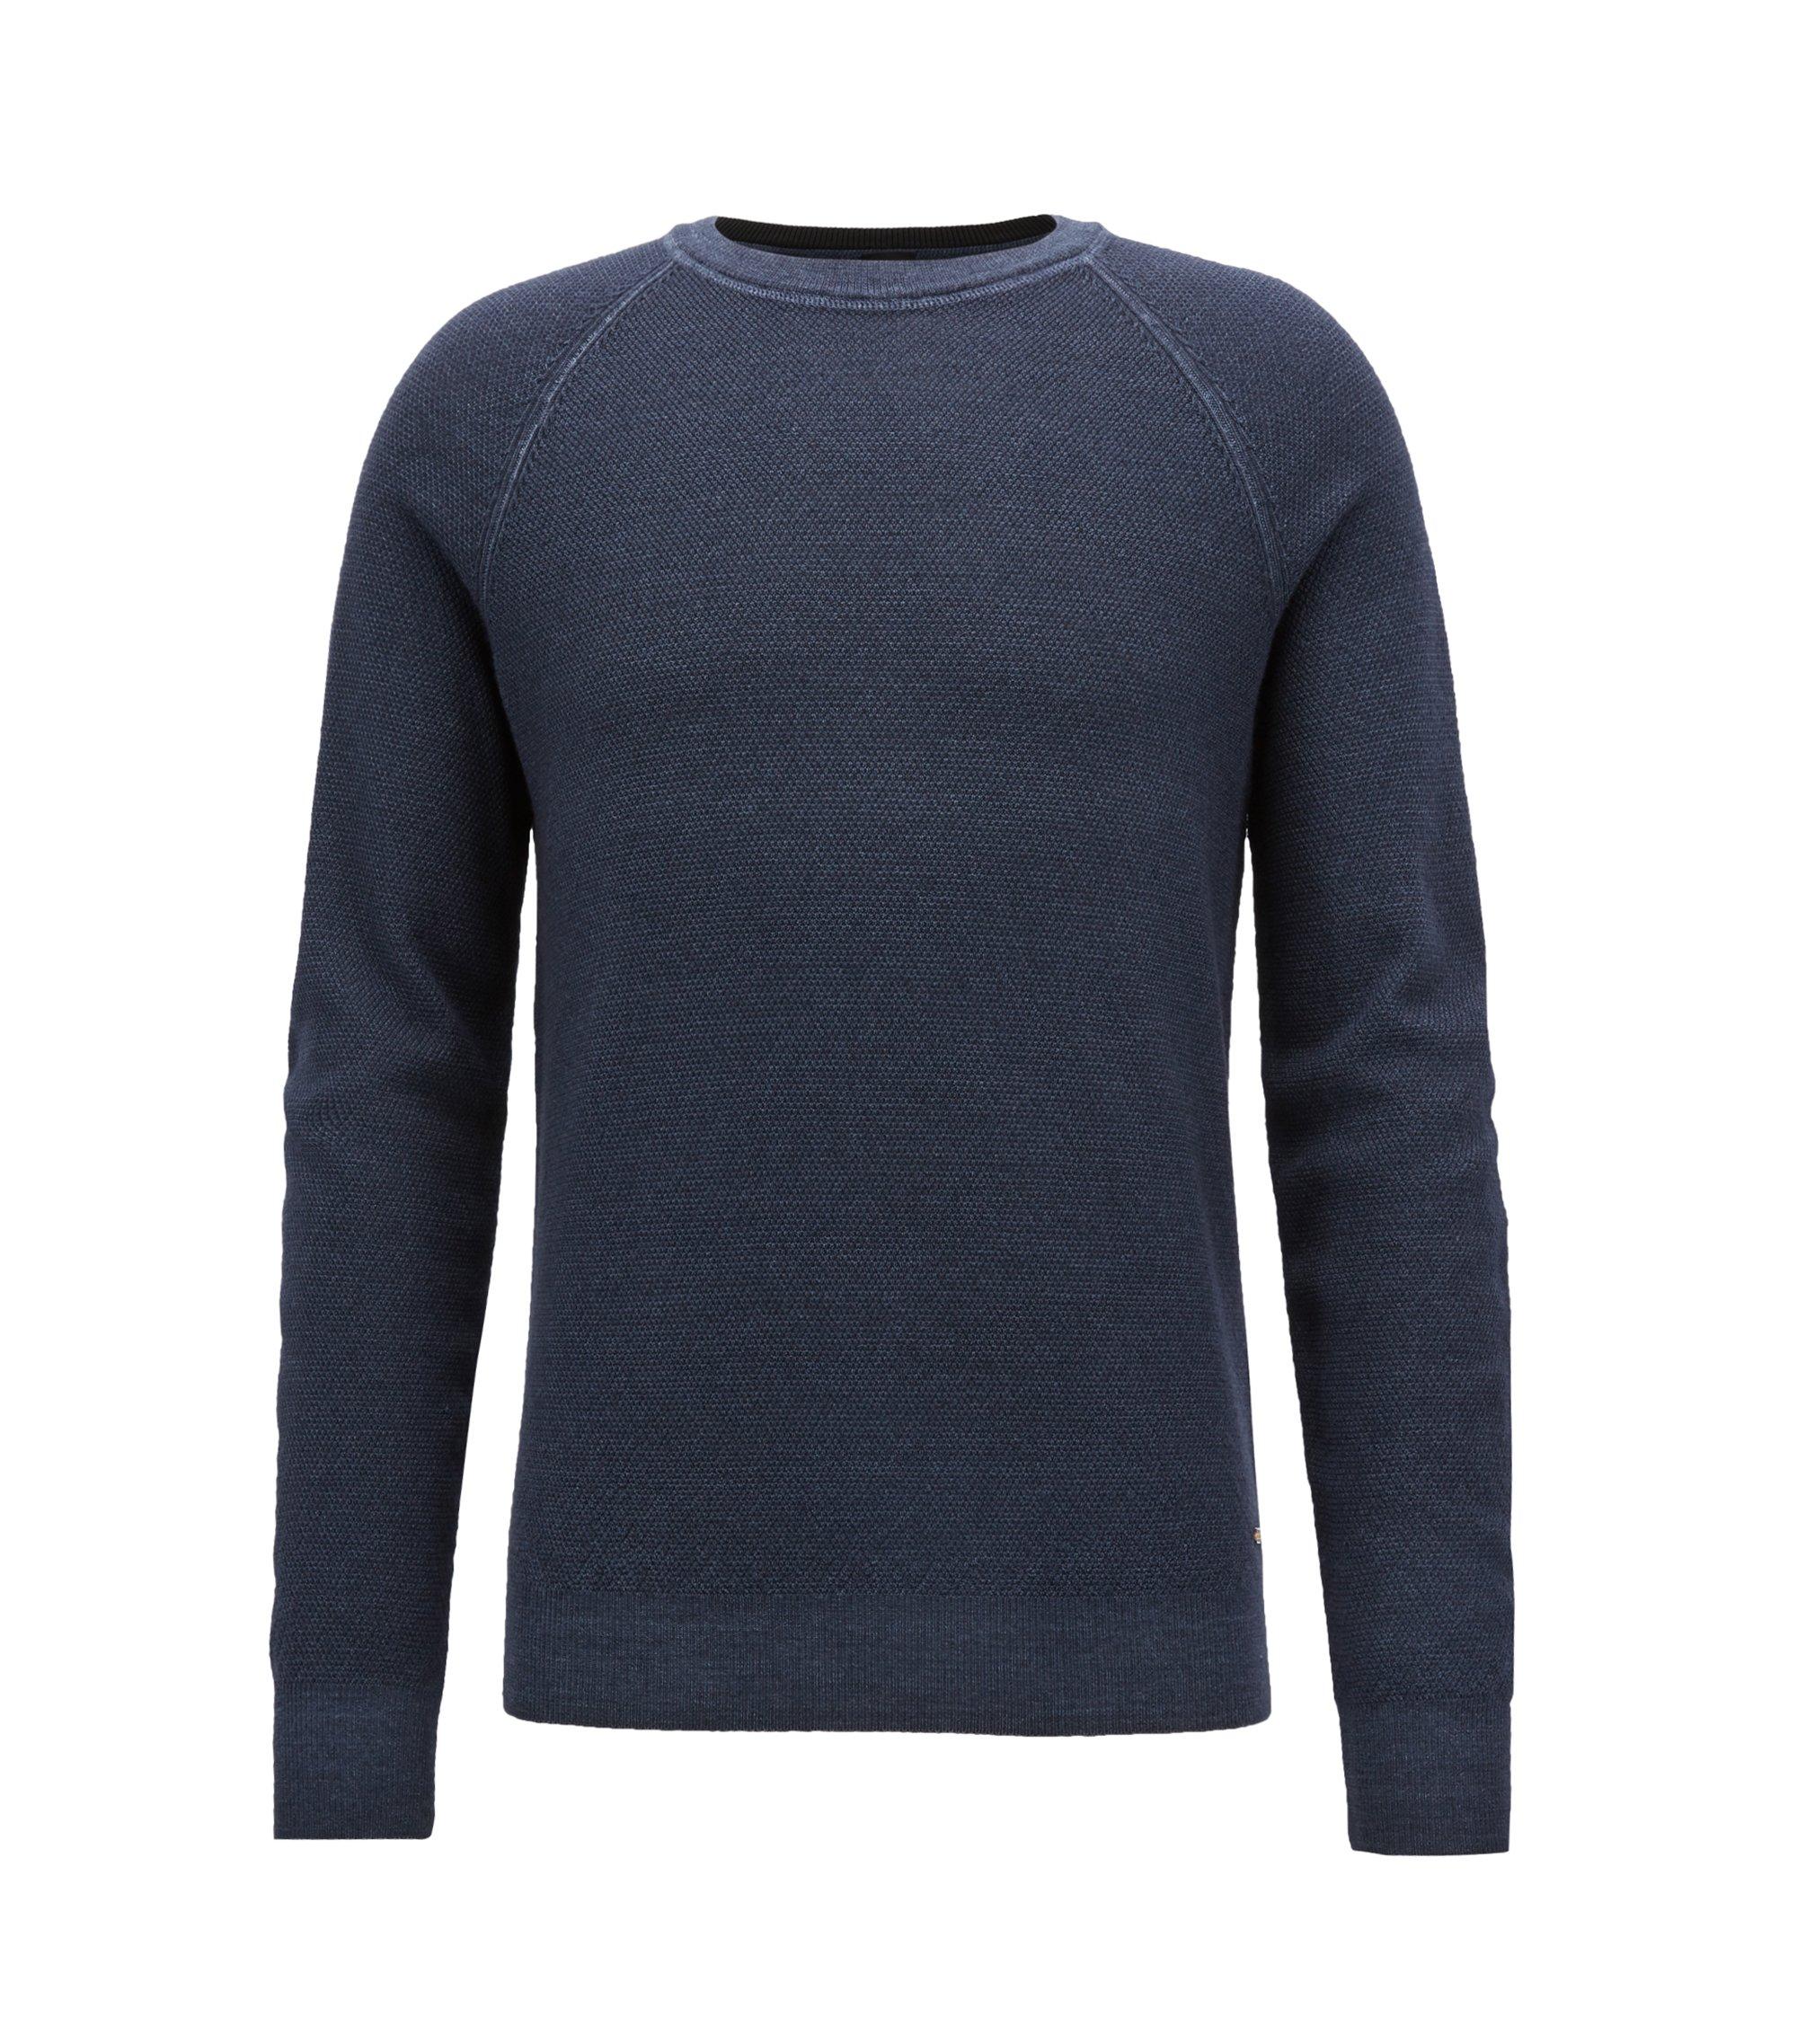 Pull à col ras-du-cou en piqué de laine mérinos légère, Bleu foncé